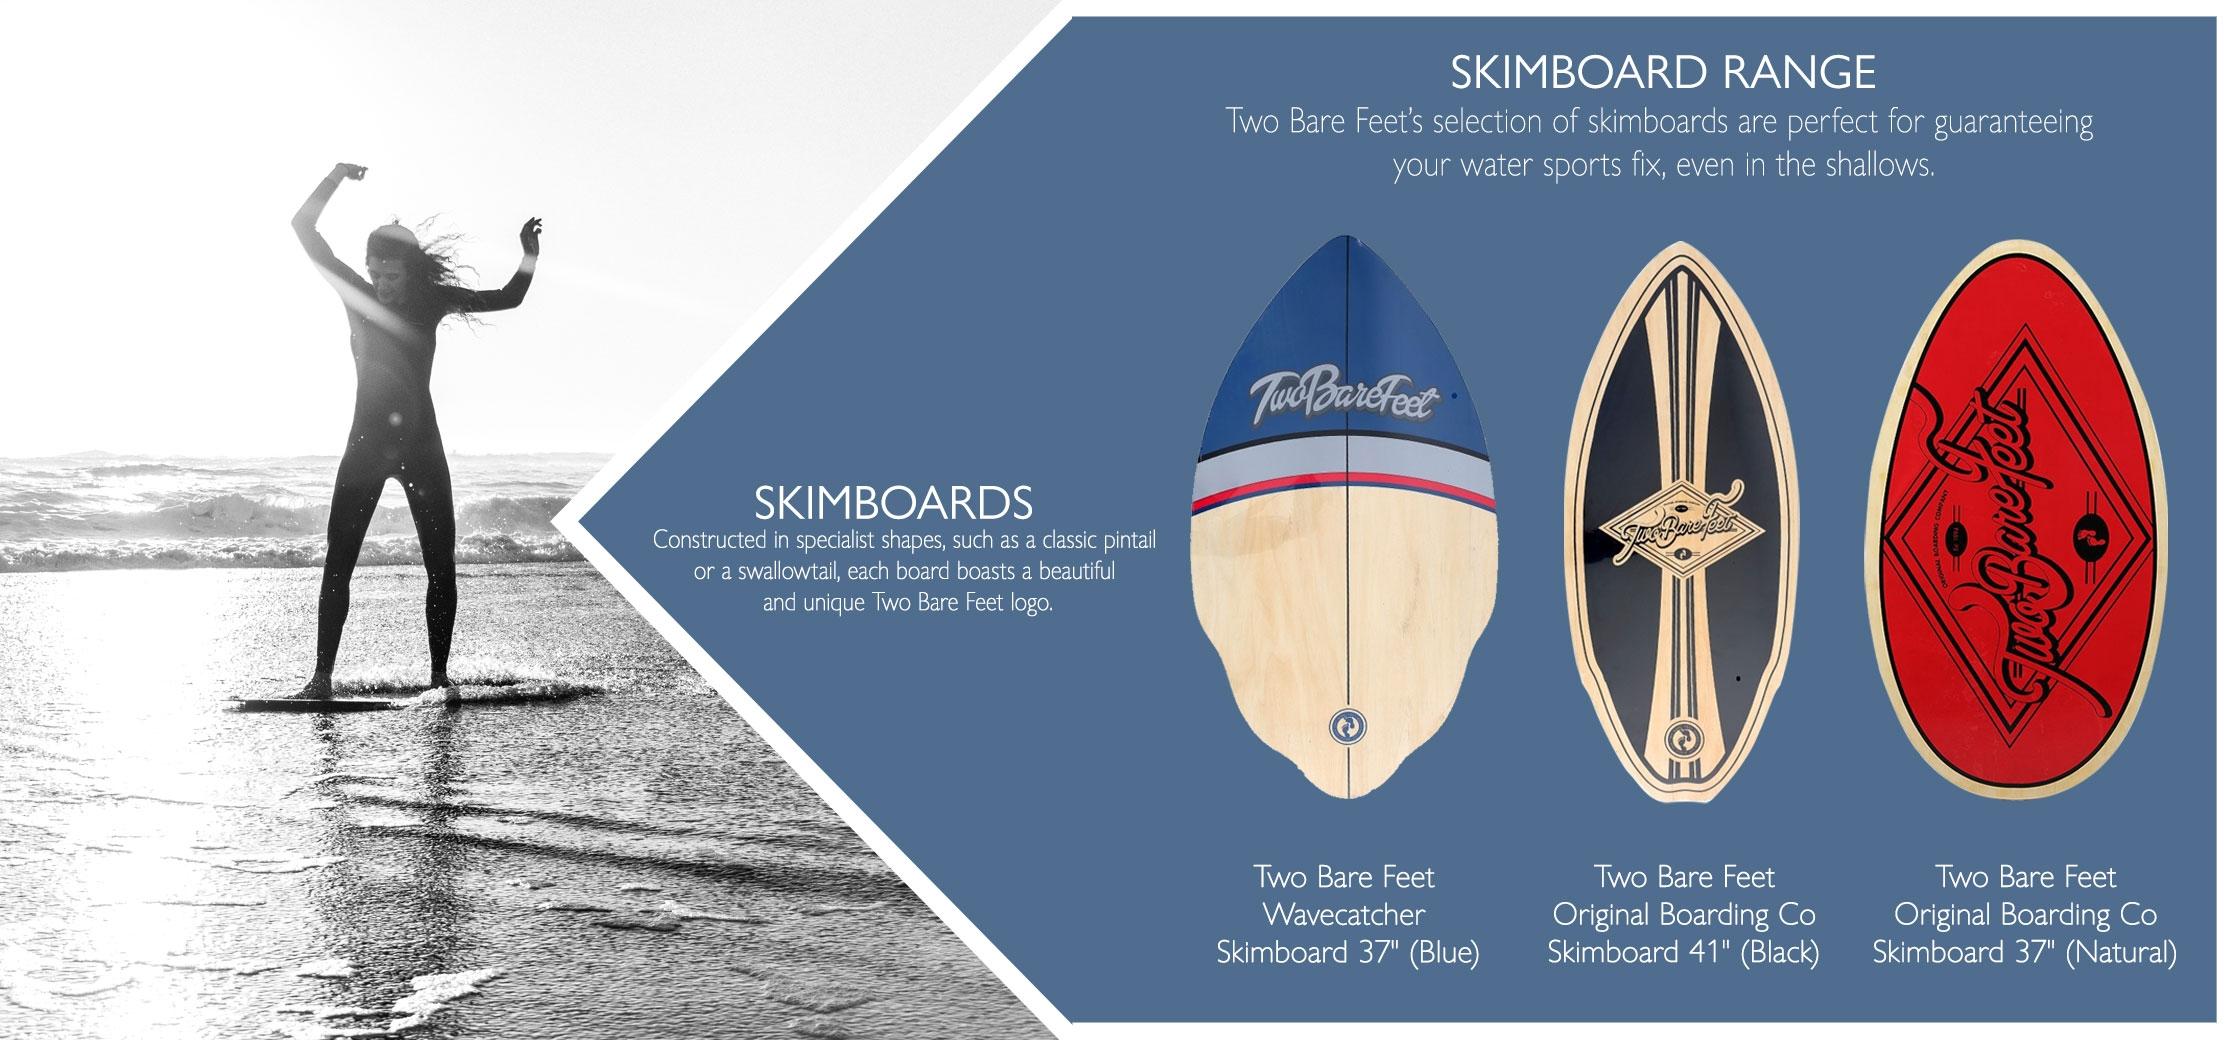 Skimboard types